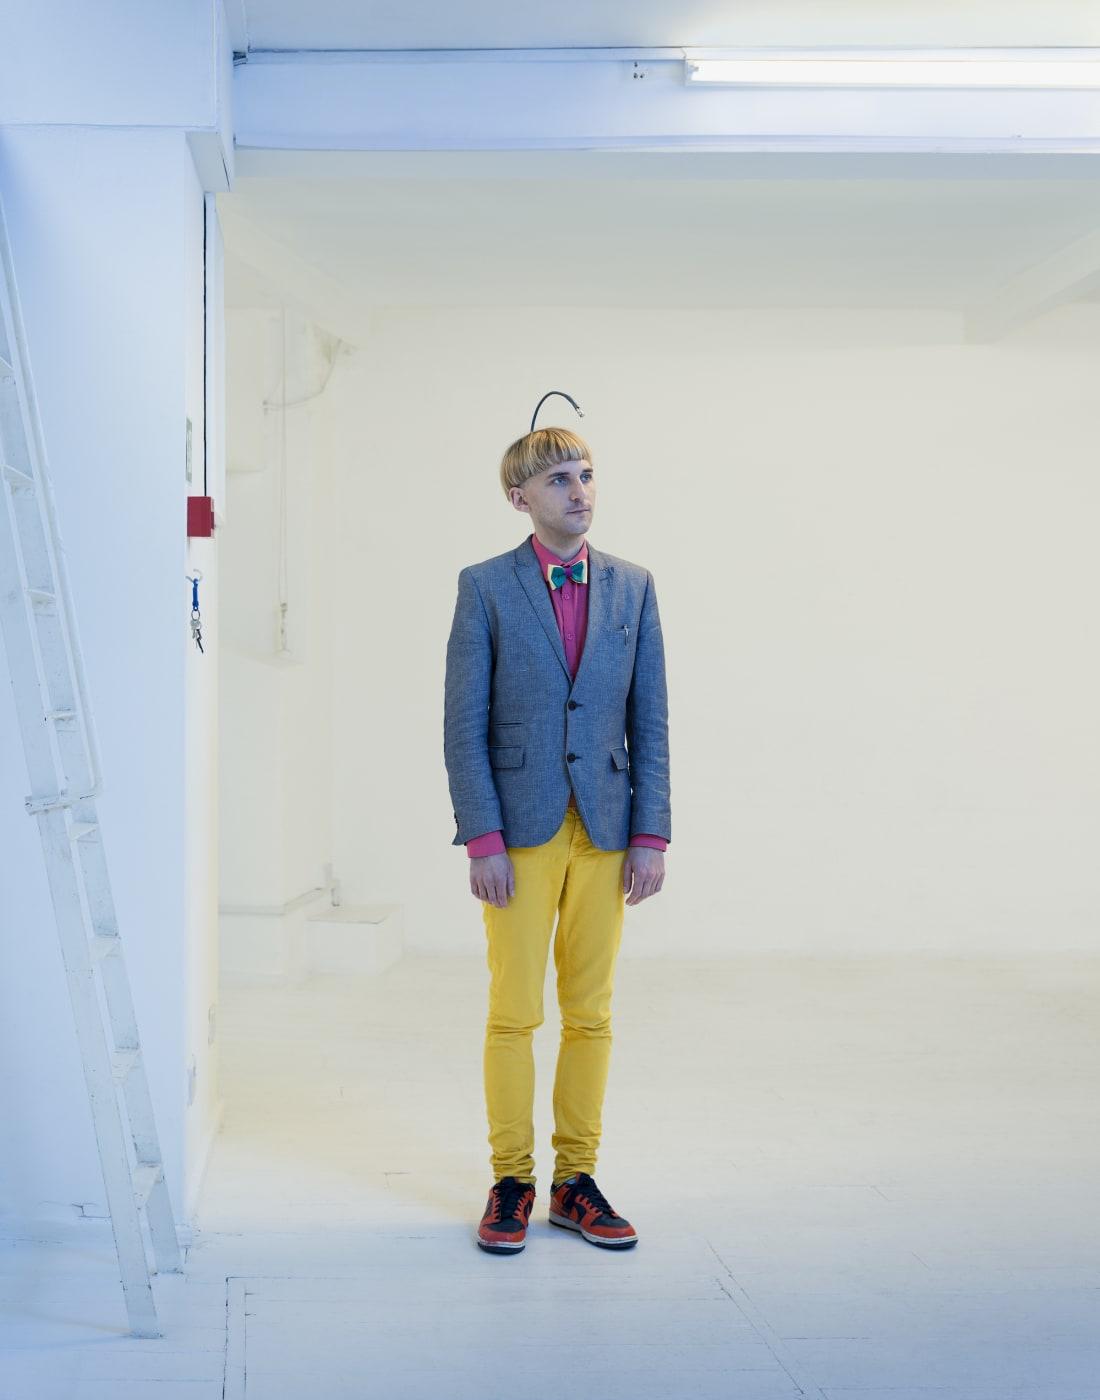 Художник Нил Харбиссон родился с синдромом под названием «ахроматизм», или полный дальтонизм. В 2004 году ему в череп имплантировали антенну, которая позволяет воспринимать цвета как слышимые вибрации.